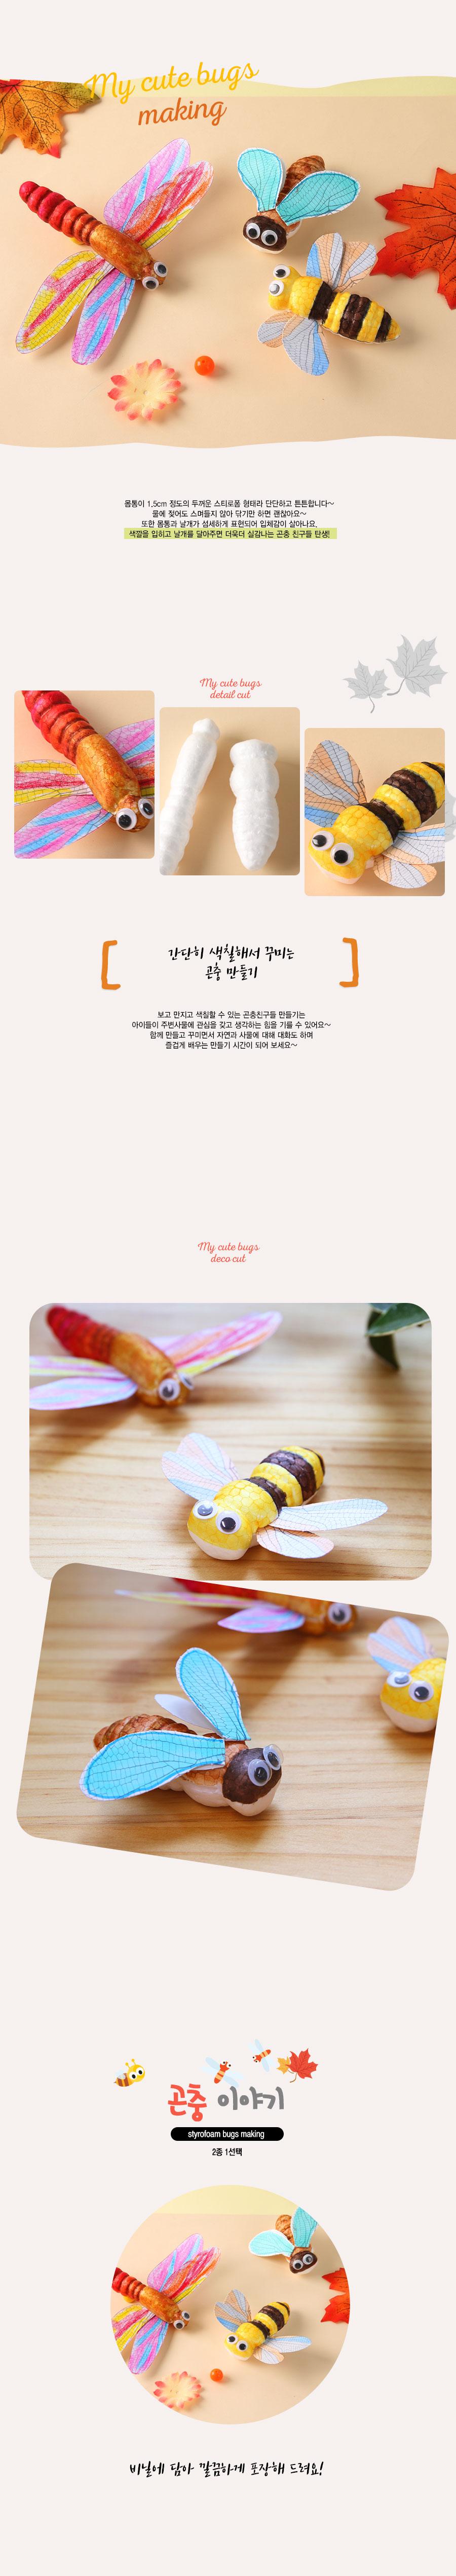 곤충이야기만들기(4인용) - 아트랄라, 2,500원, 미니어처 DIY, 미니어처 만들기 패키지